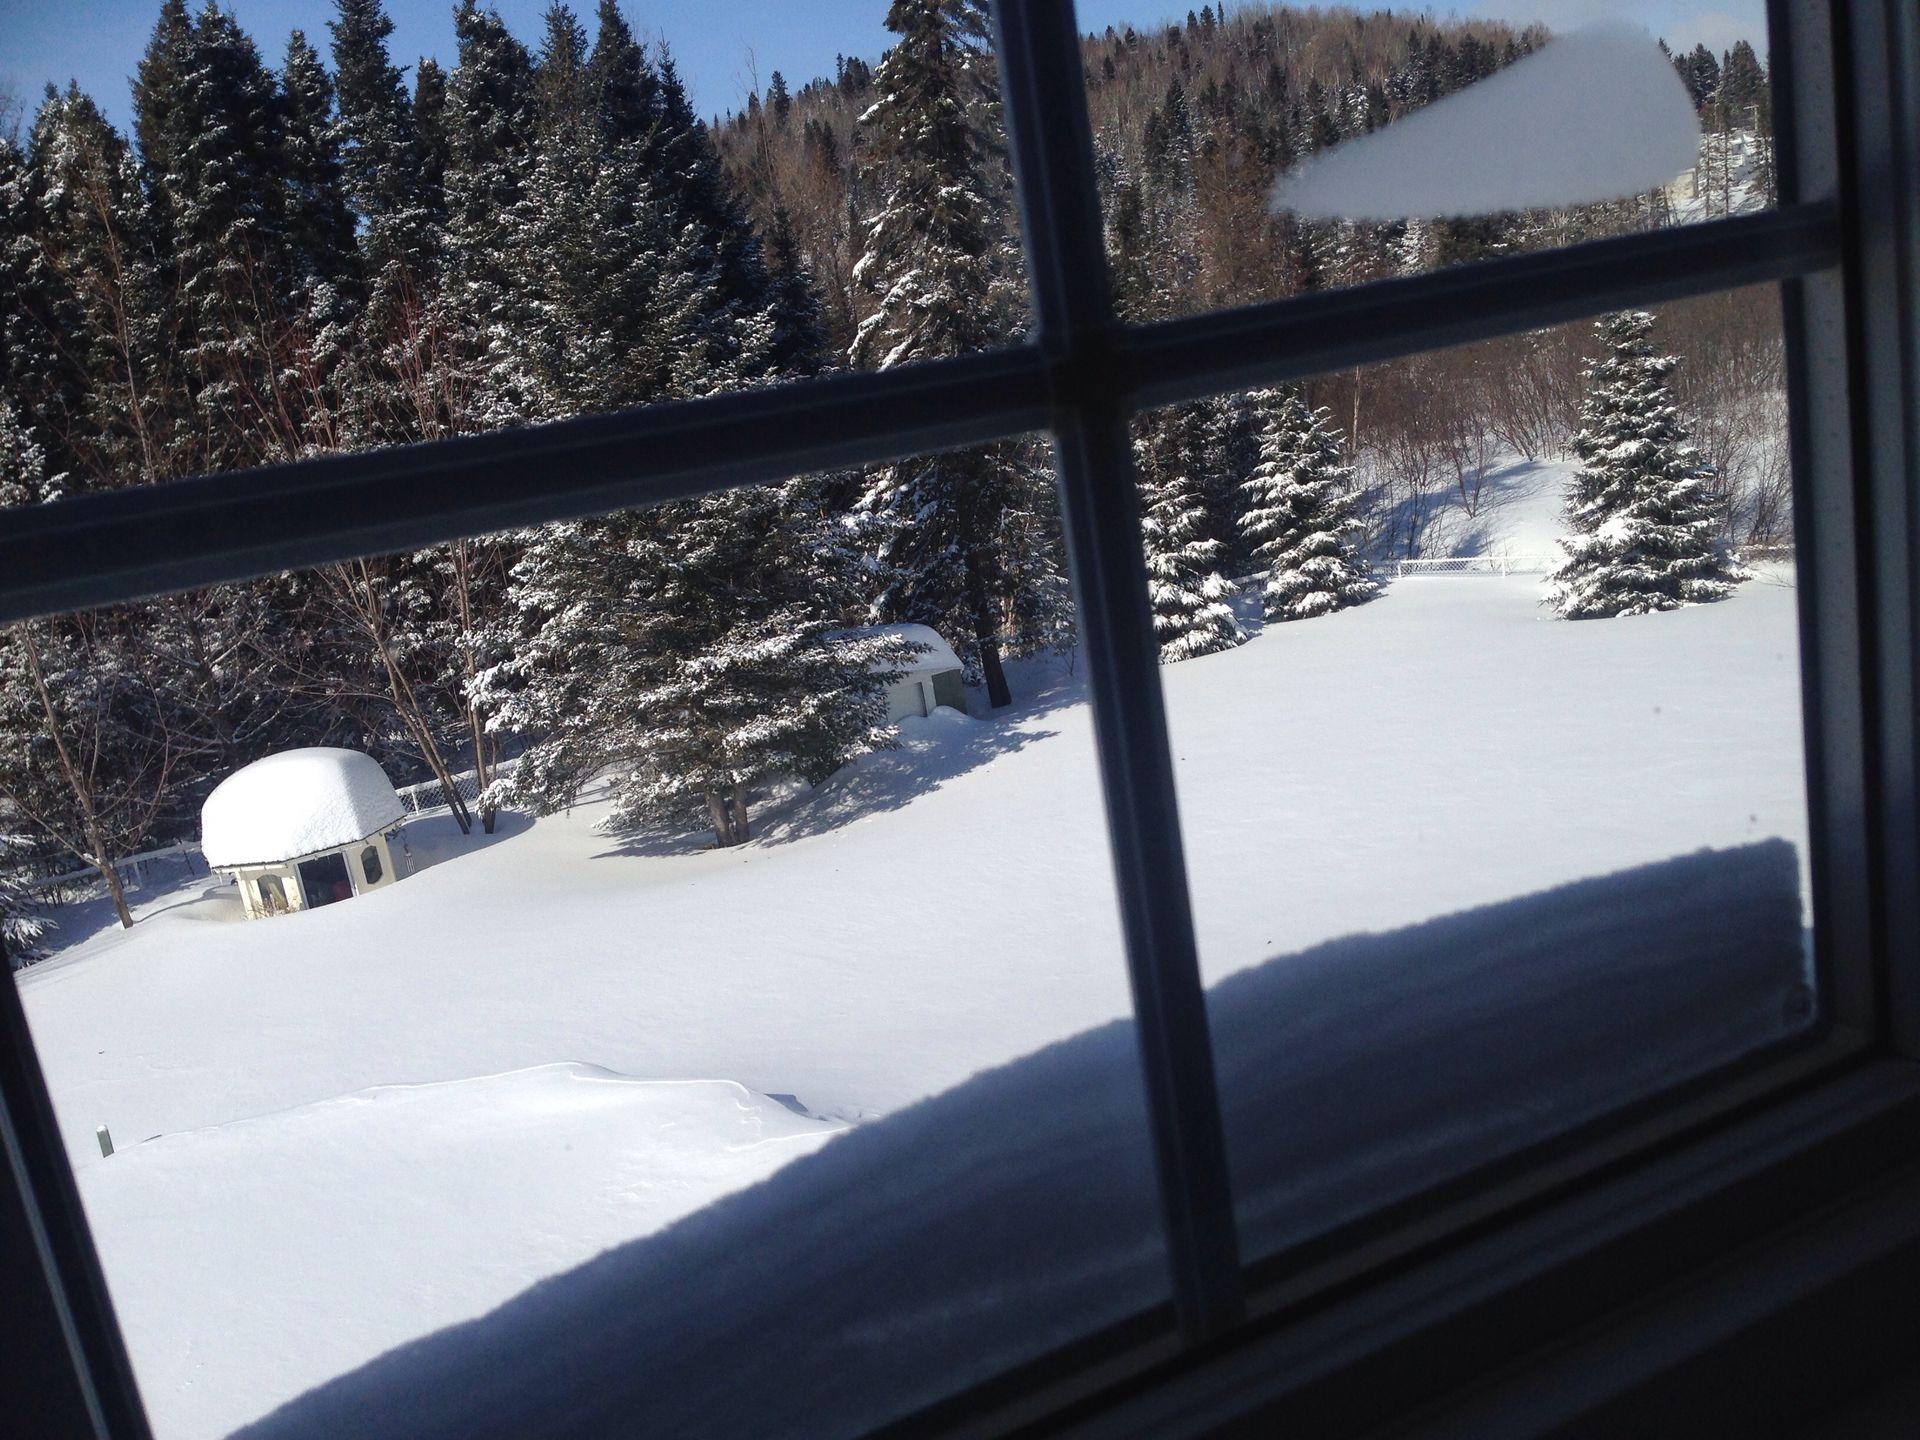 Genre que c la piscine ou la glissade et la neige arrive jusqu'à la fenêtre j'ai dû me mettre sur la pointe des pieds pour la prendre XD genre que la neige est plus haute que la porte en arrière so je l'ouvre ya une avalanche